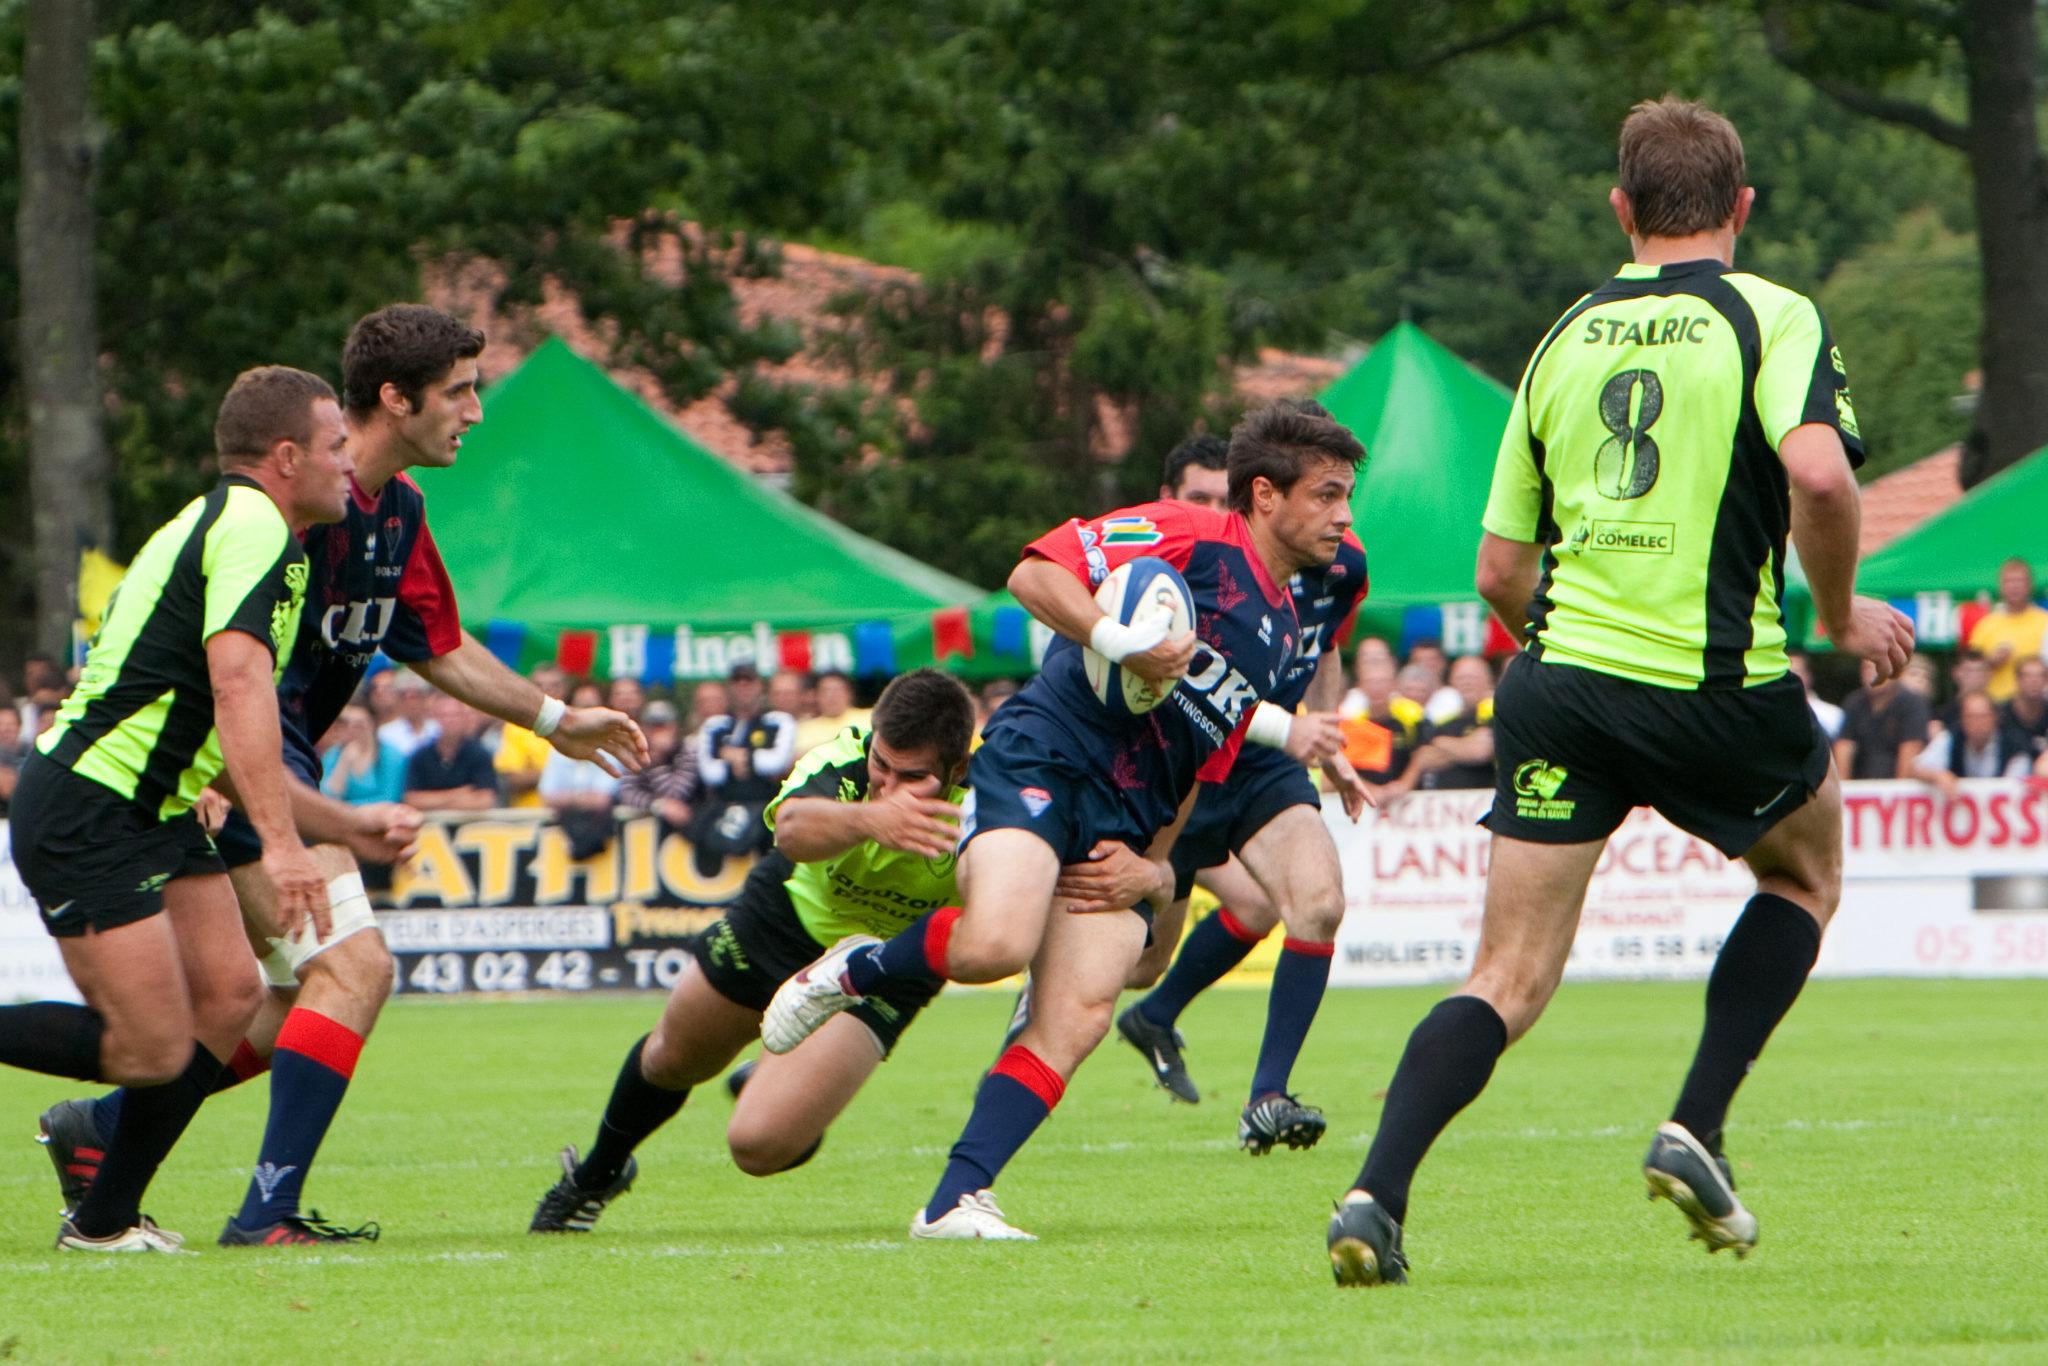 Sport-Rugby-Saint-vincent-de-tyrosse